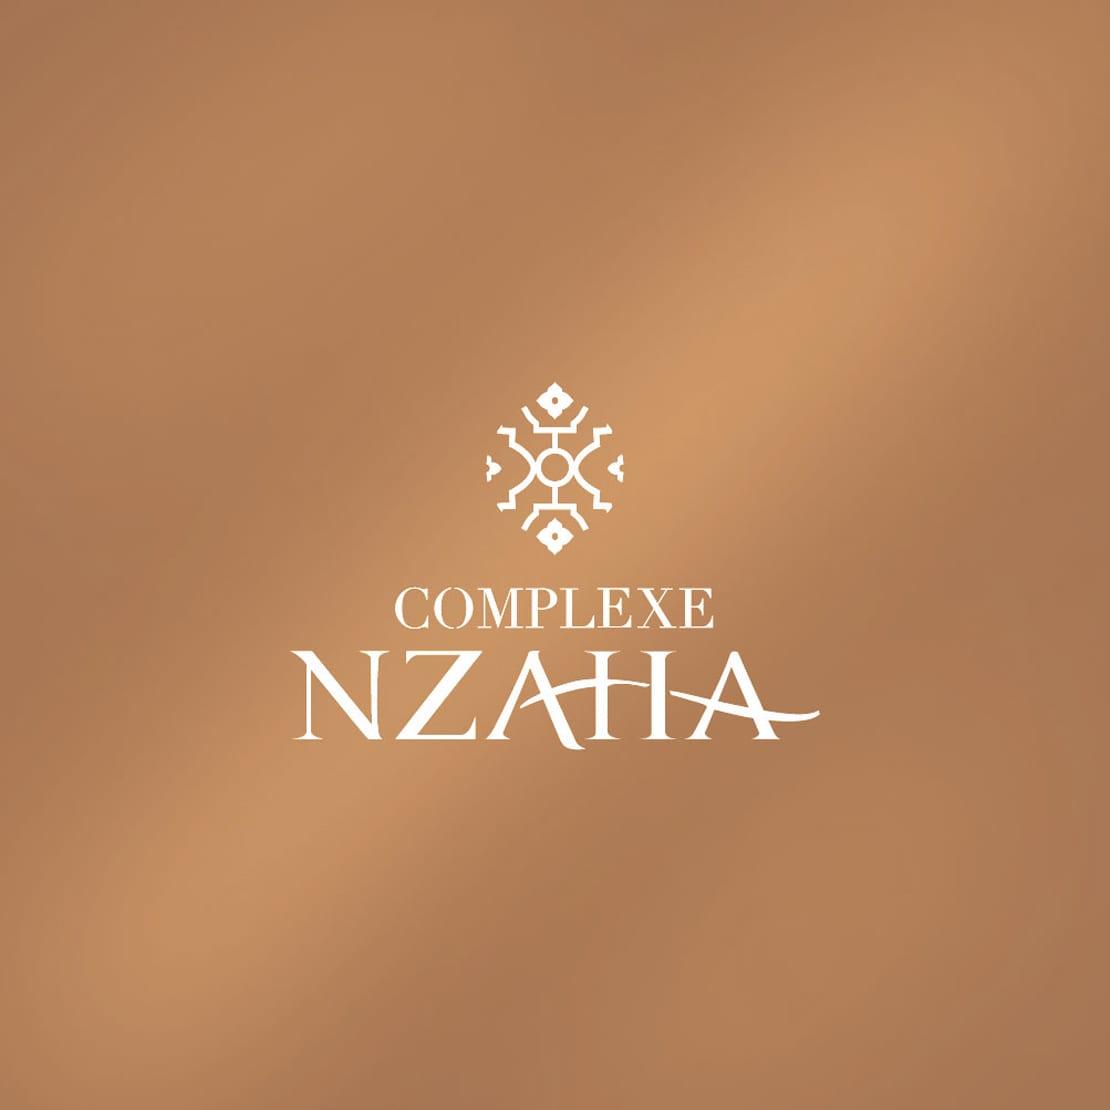 Complexe Nzaha, diseño elegante de logotipo en colores cobres